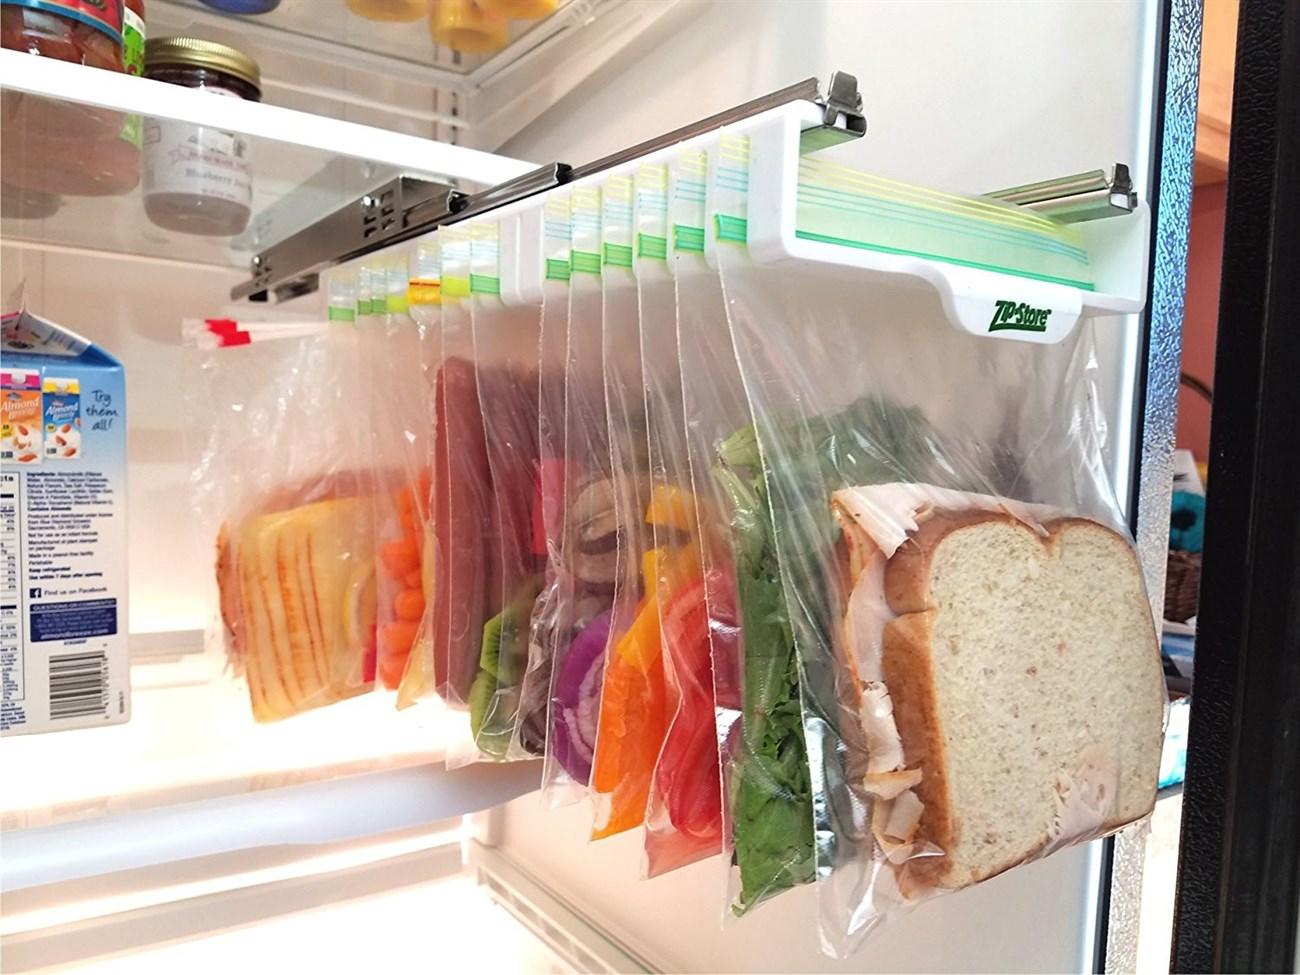 Dùng kẹp treo các túi thực phẩm lên giá